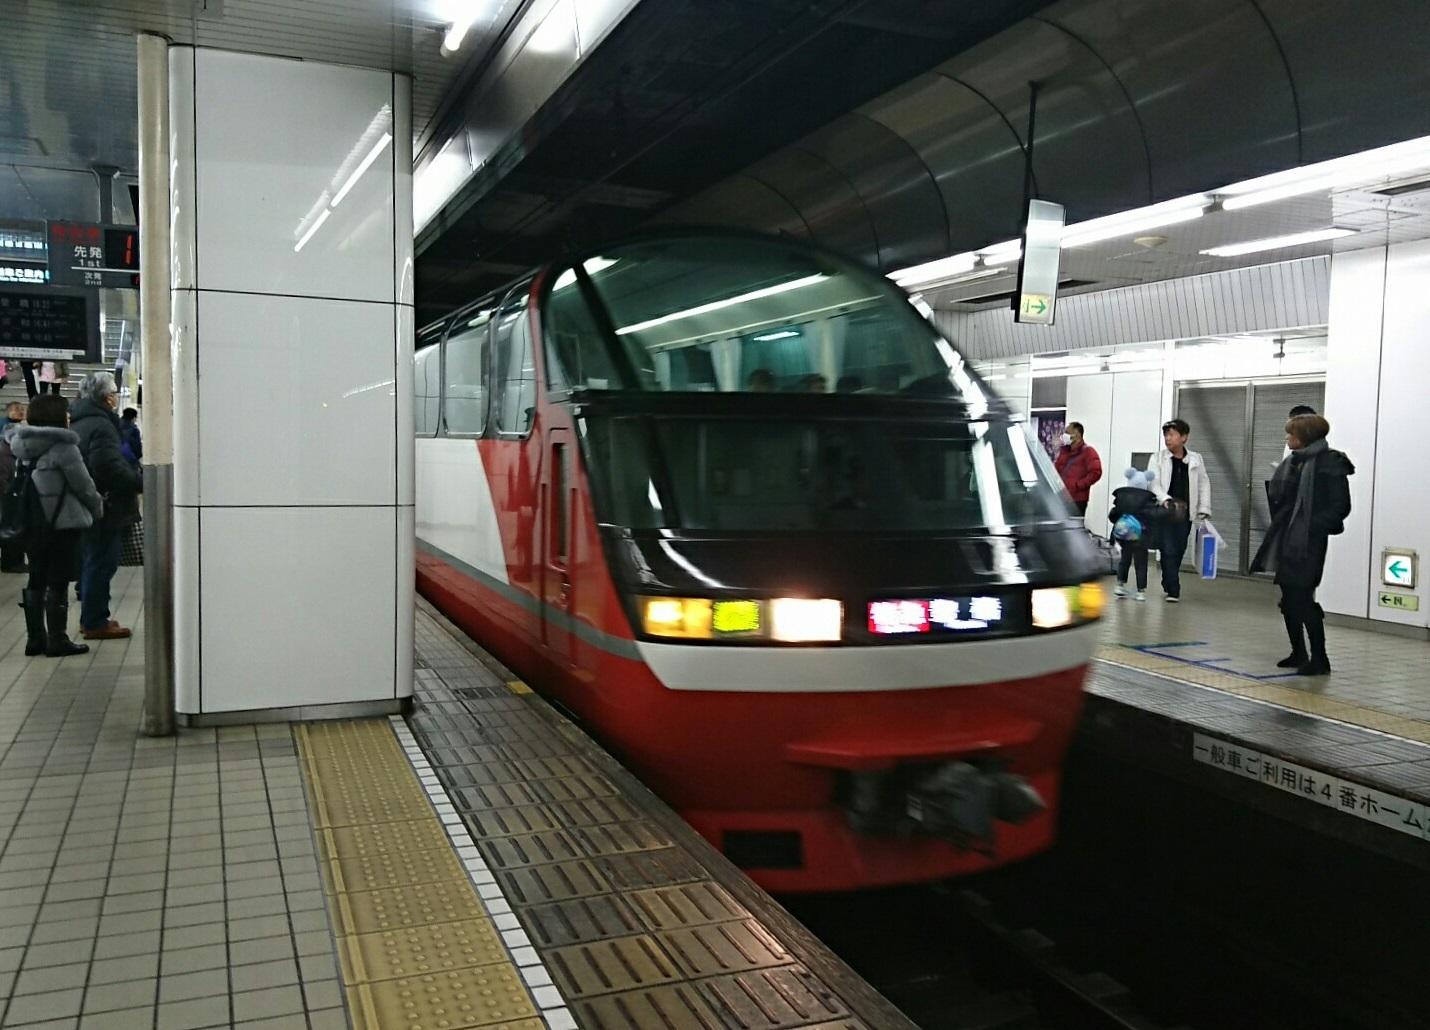 2018.1.3 名鉄 (6) 名古屋 - 豊橋いき特急 1430-1030